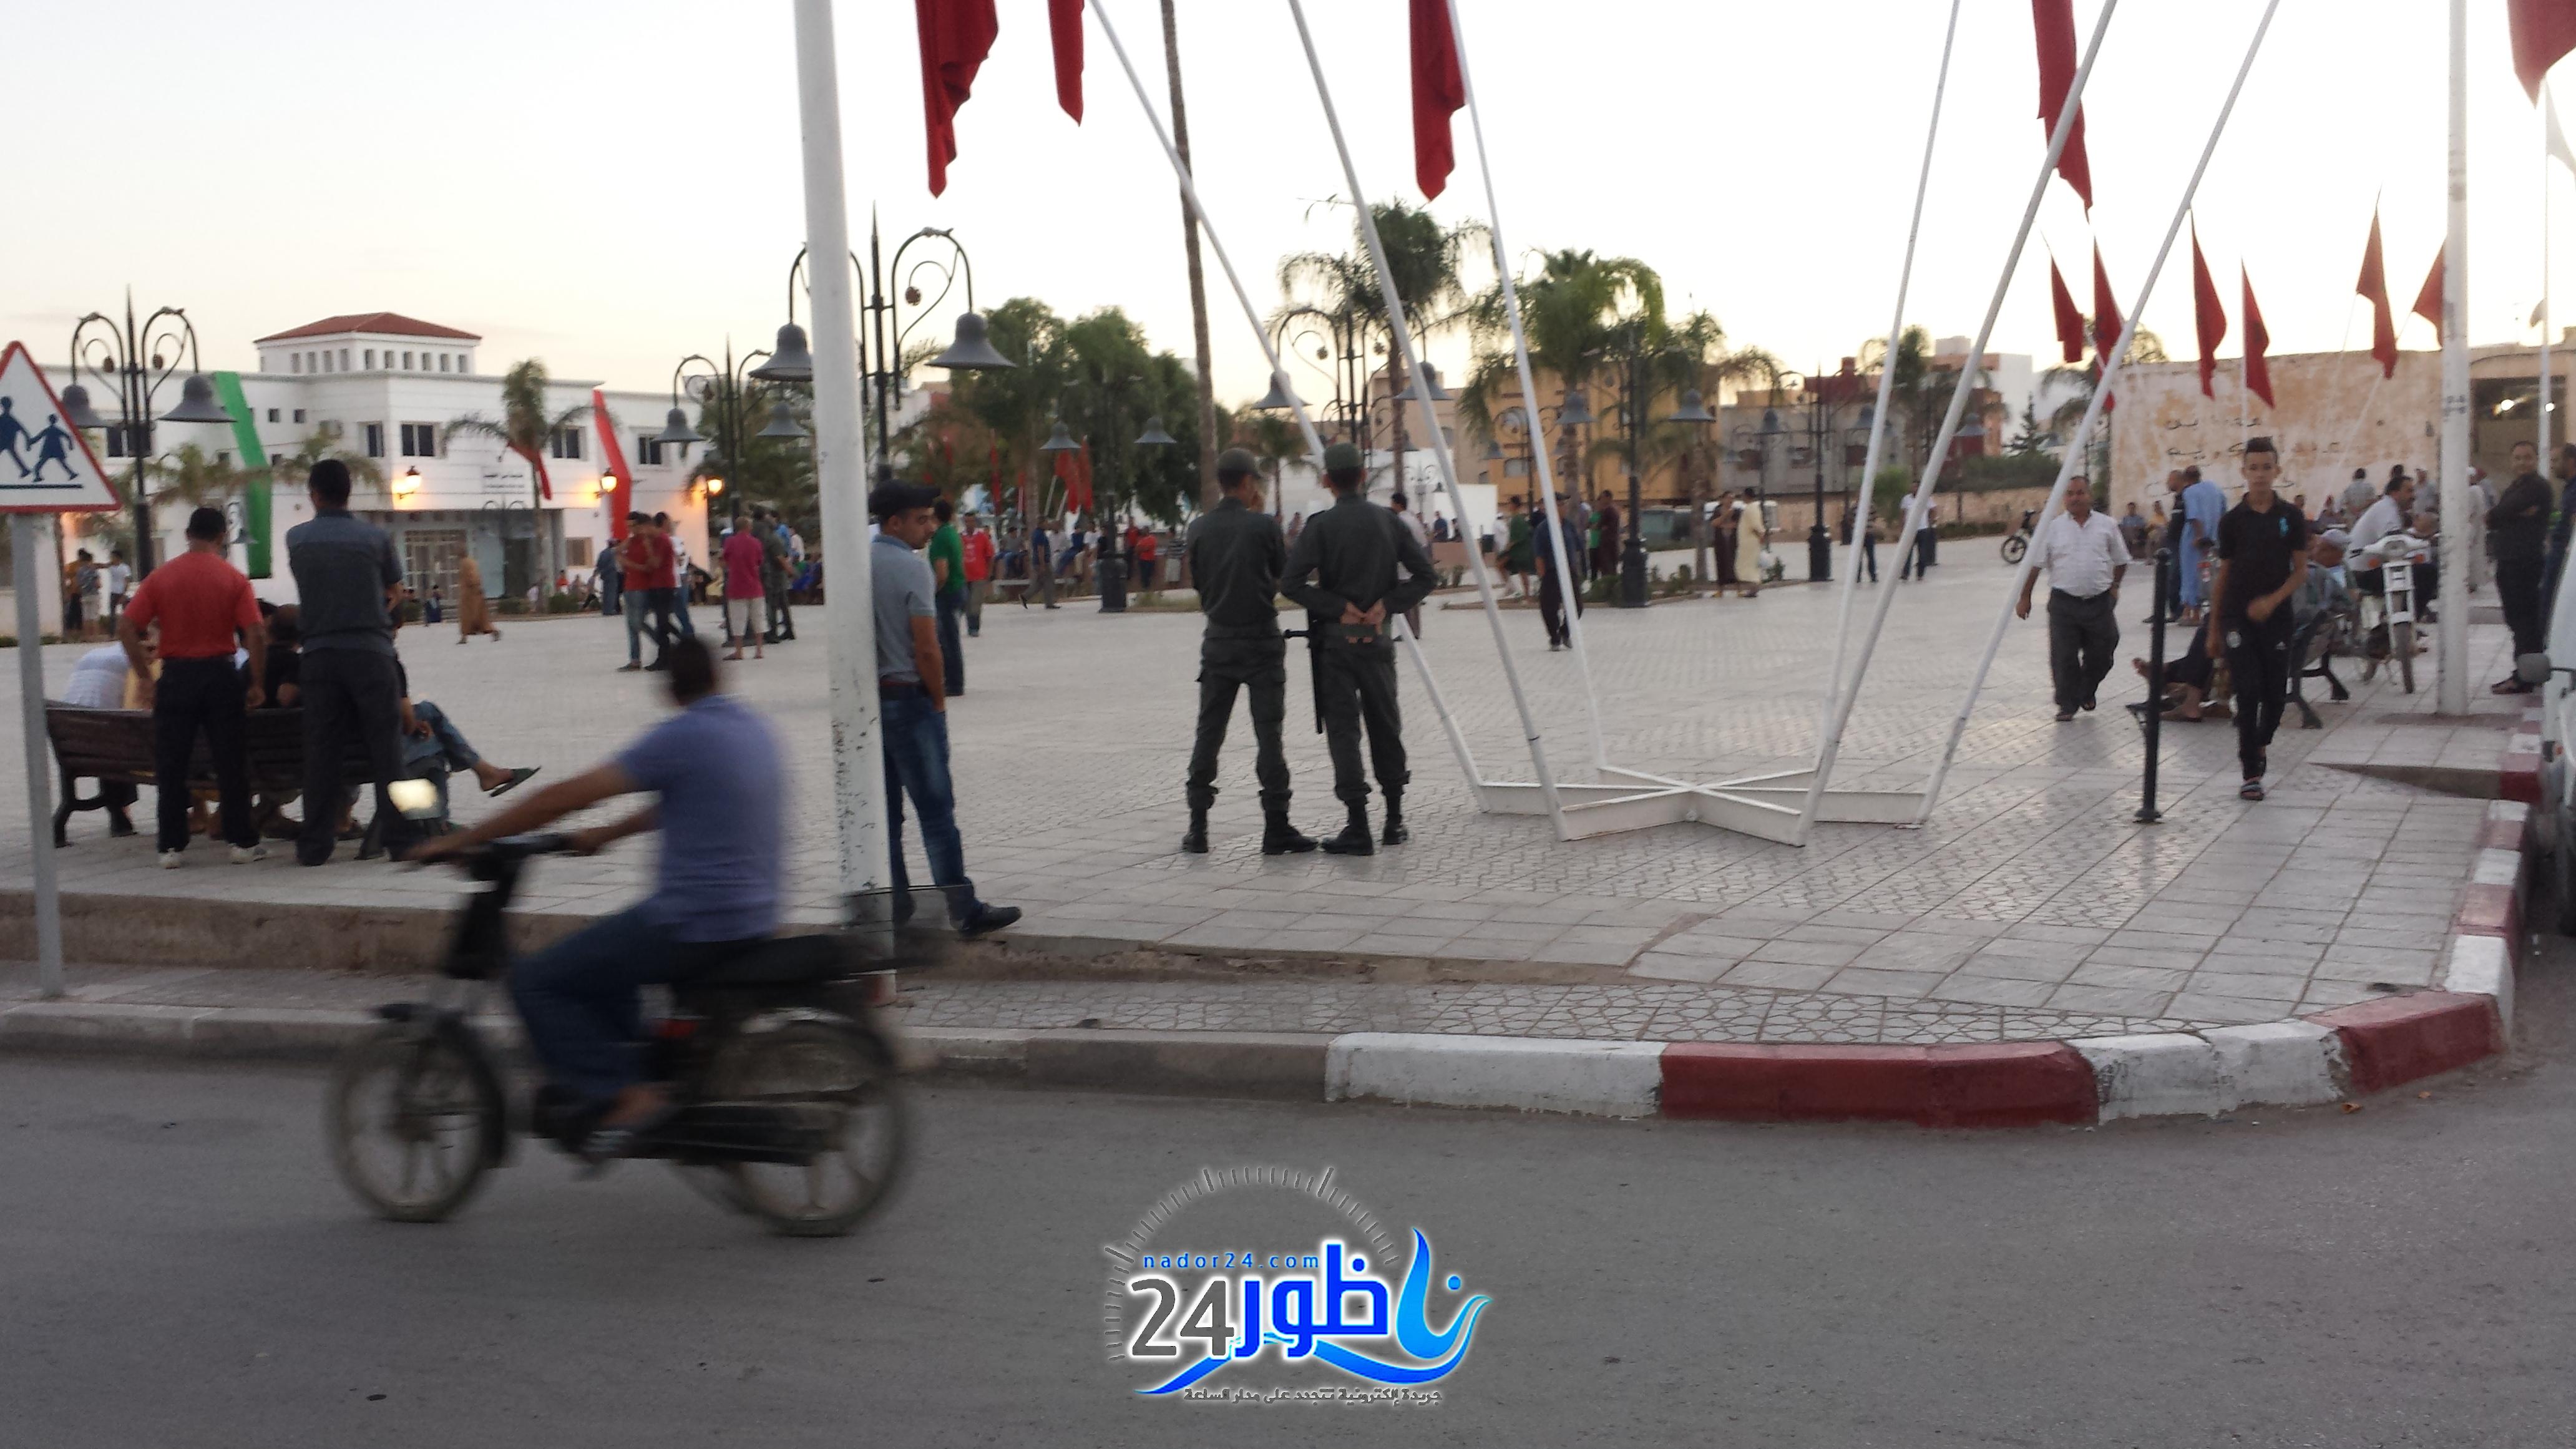 ببن طيب:رجال الأمن يمنعون نشطاء من إلصاق صور لعماد العتابي و يطوقون ساحة عمومية +صور